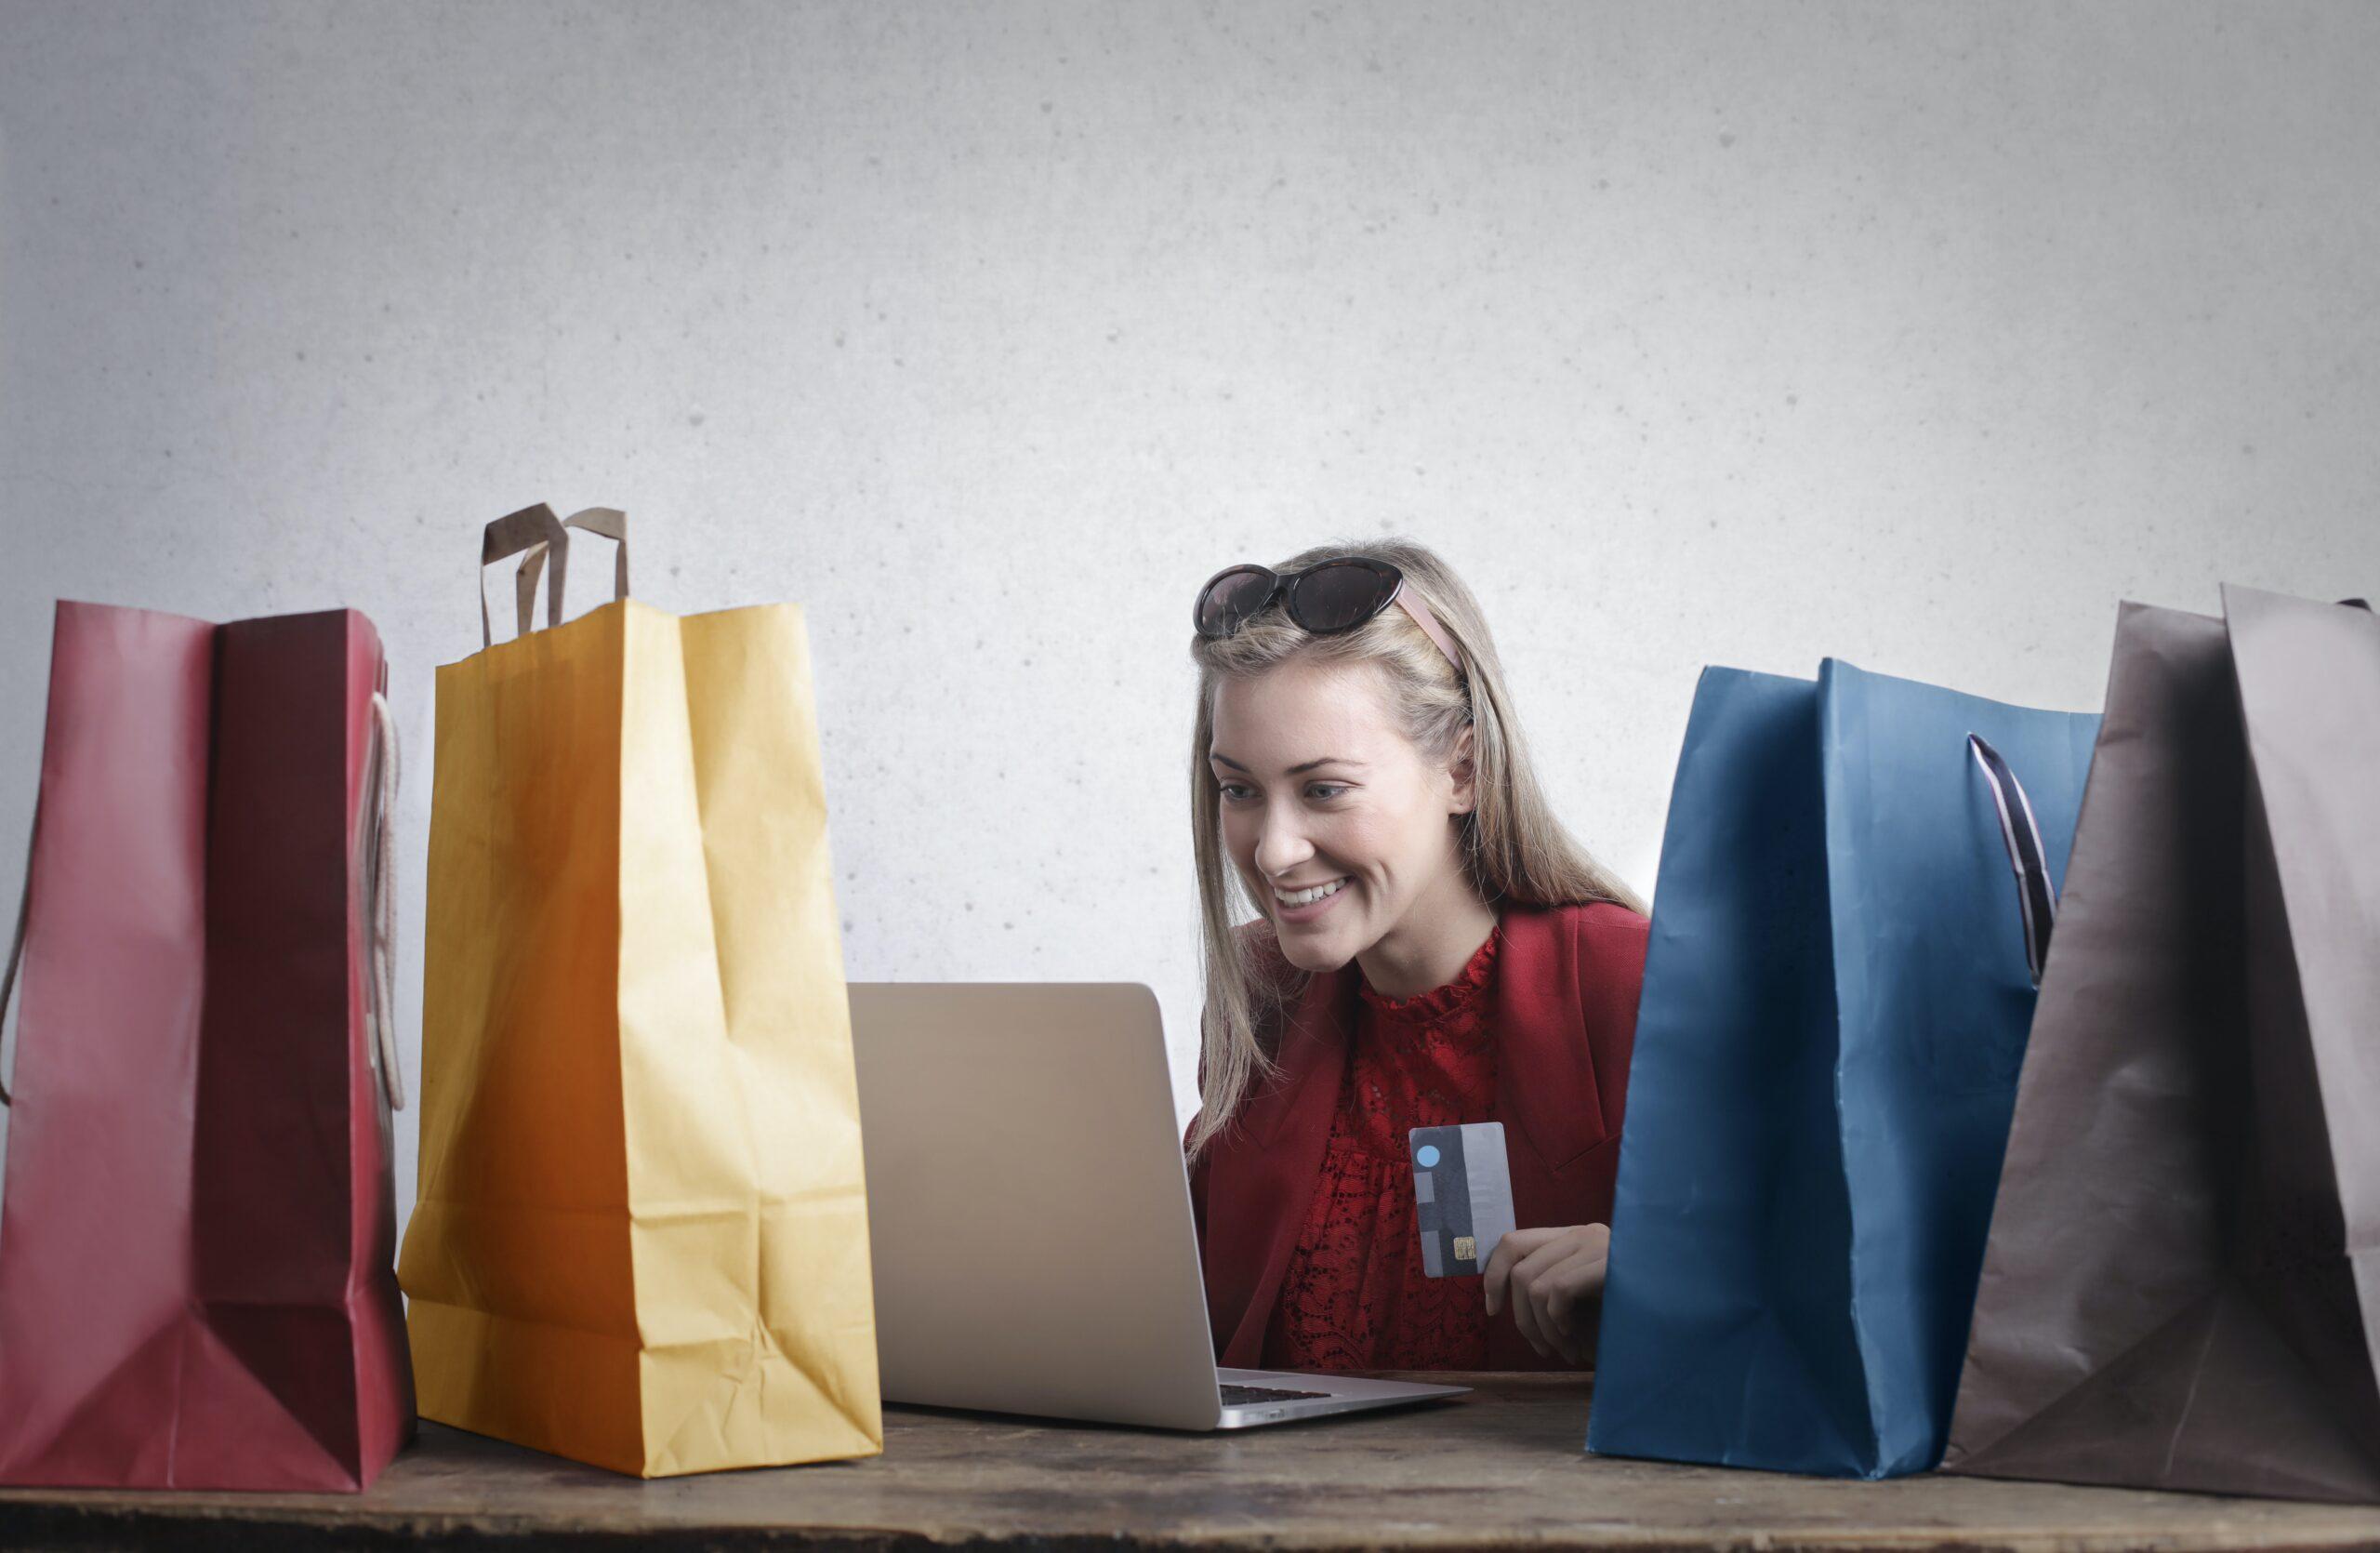 Maikuu pakituru ülevaade: 92% elanikest e-ostleb, pakkide arvu kasv +194% ning 505 000 lisapakki!